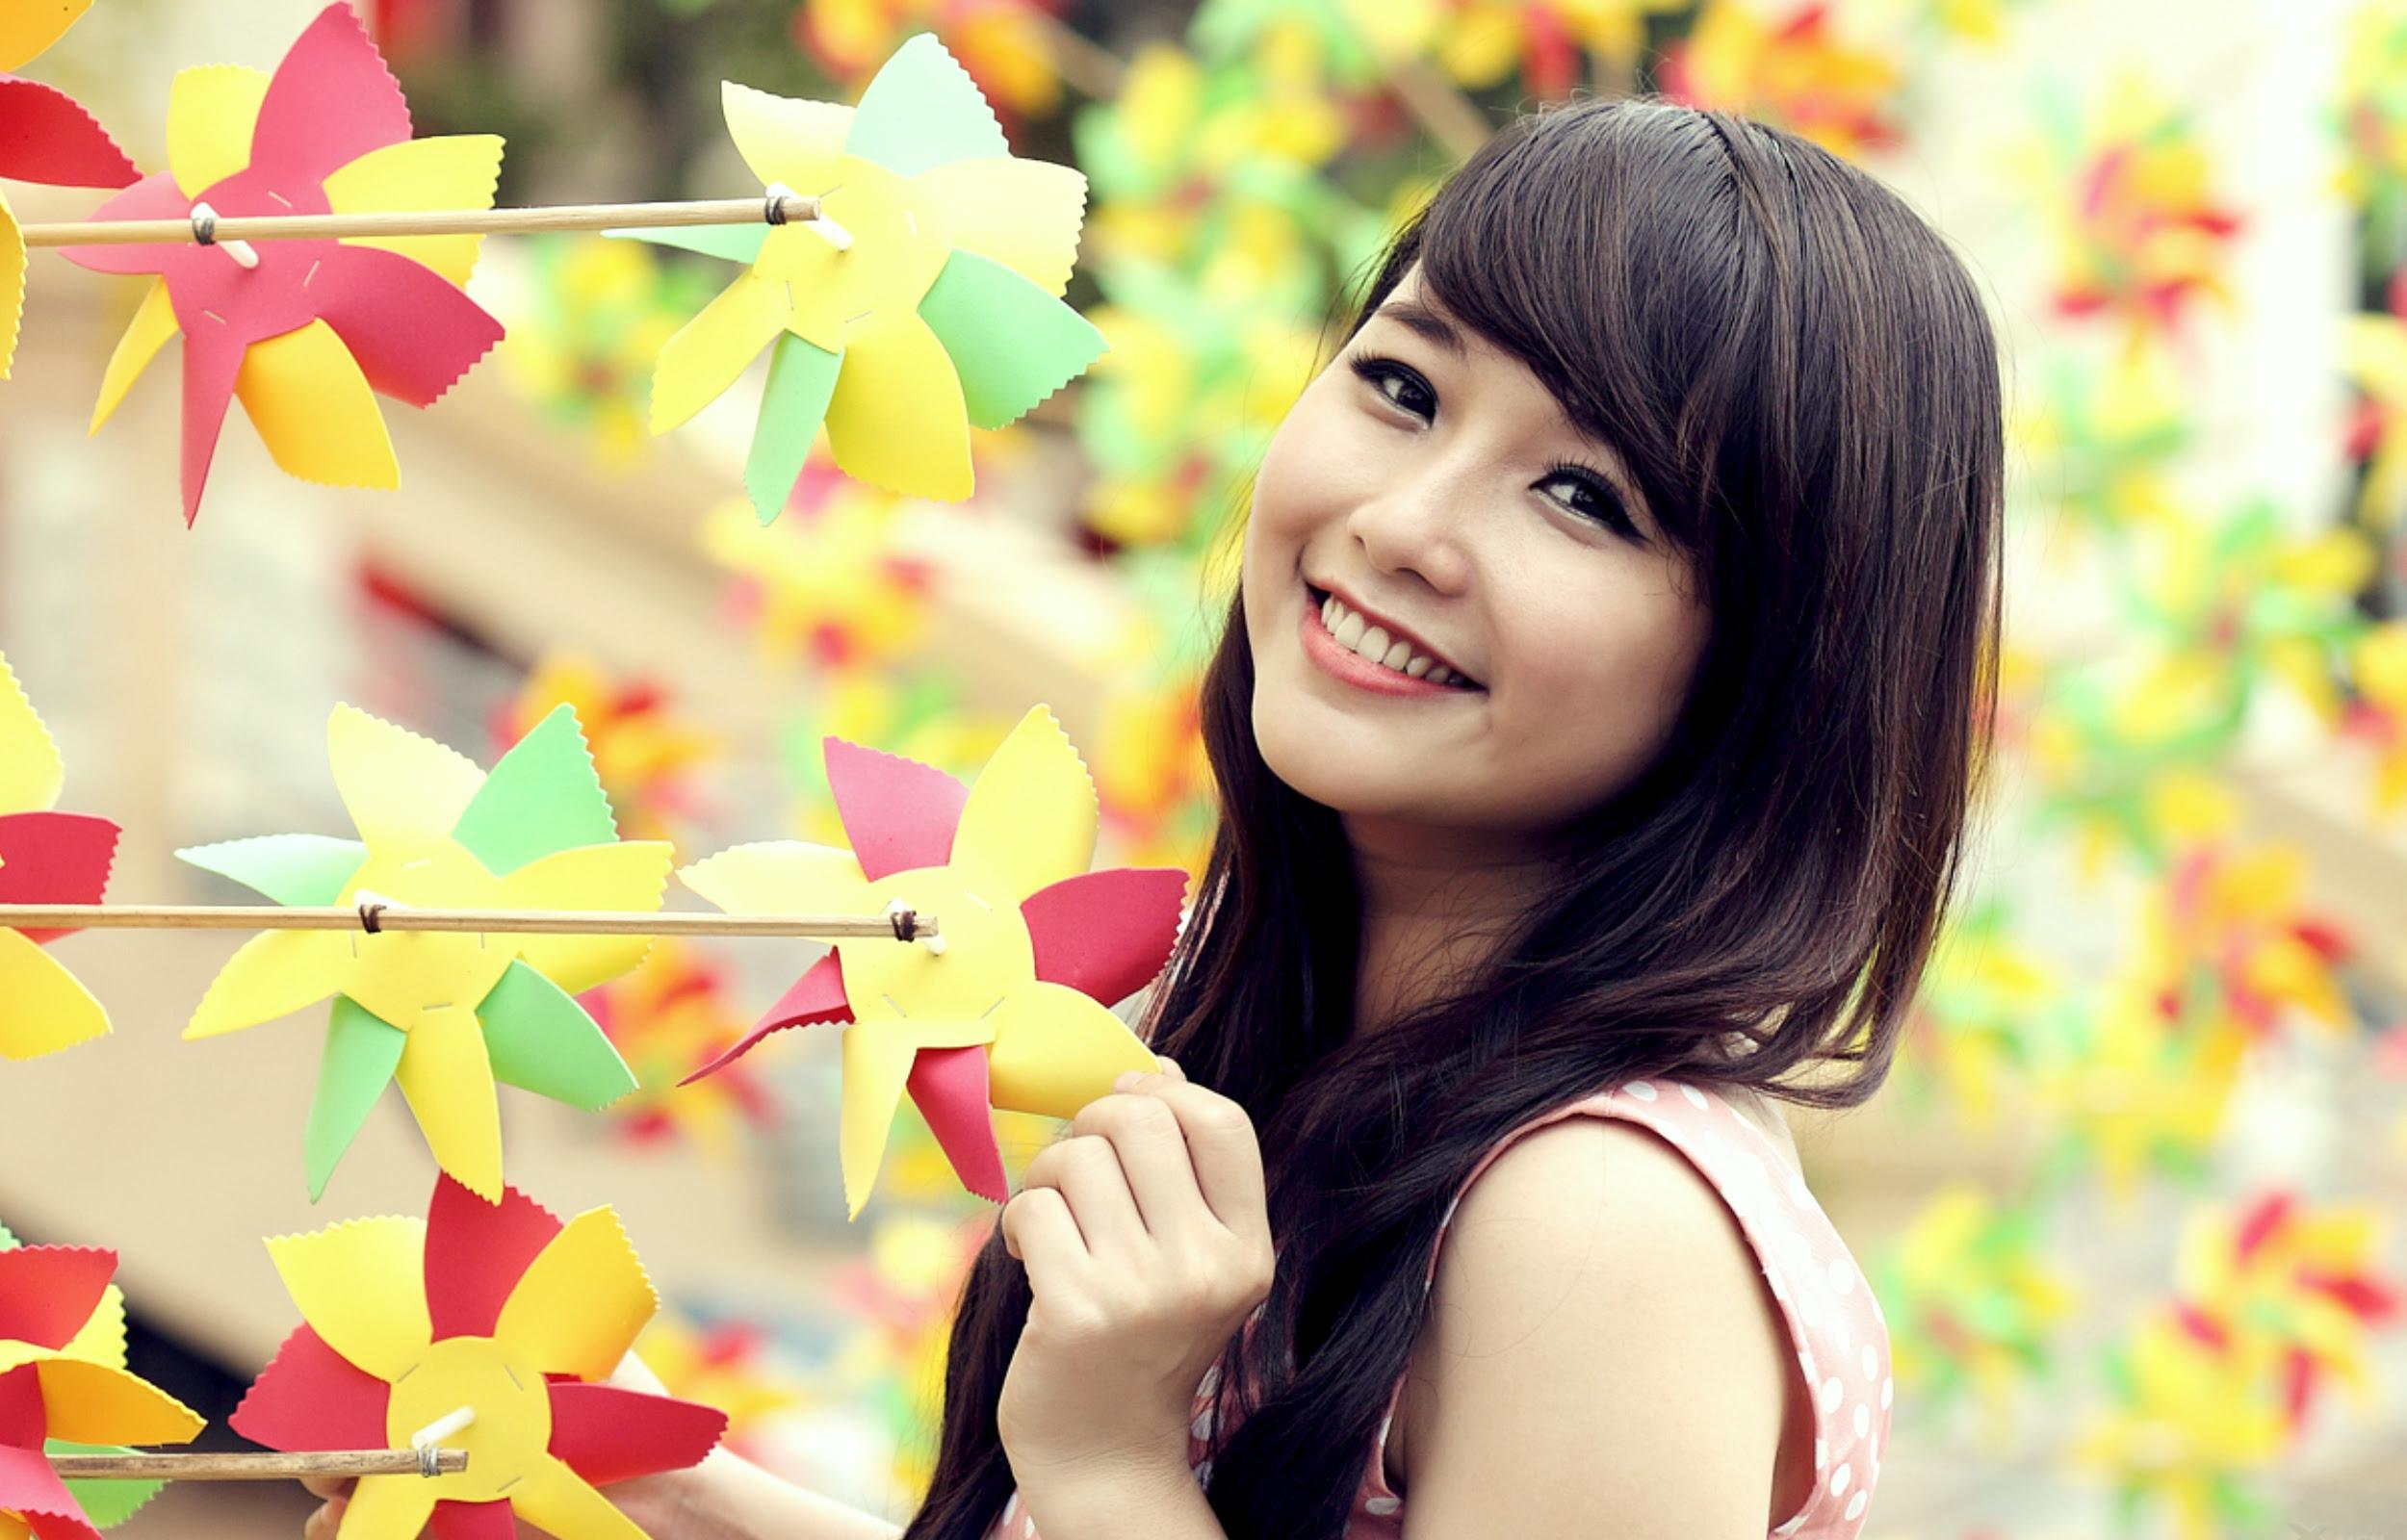 Cute Wallpapers for Teenage Girls  WallpaperSafari